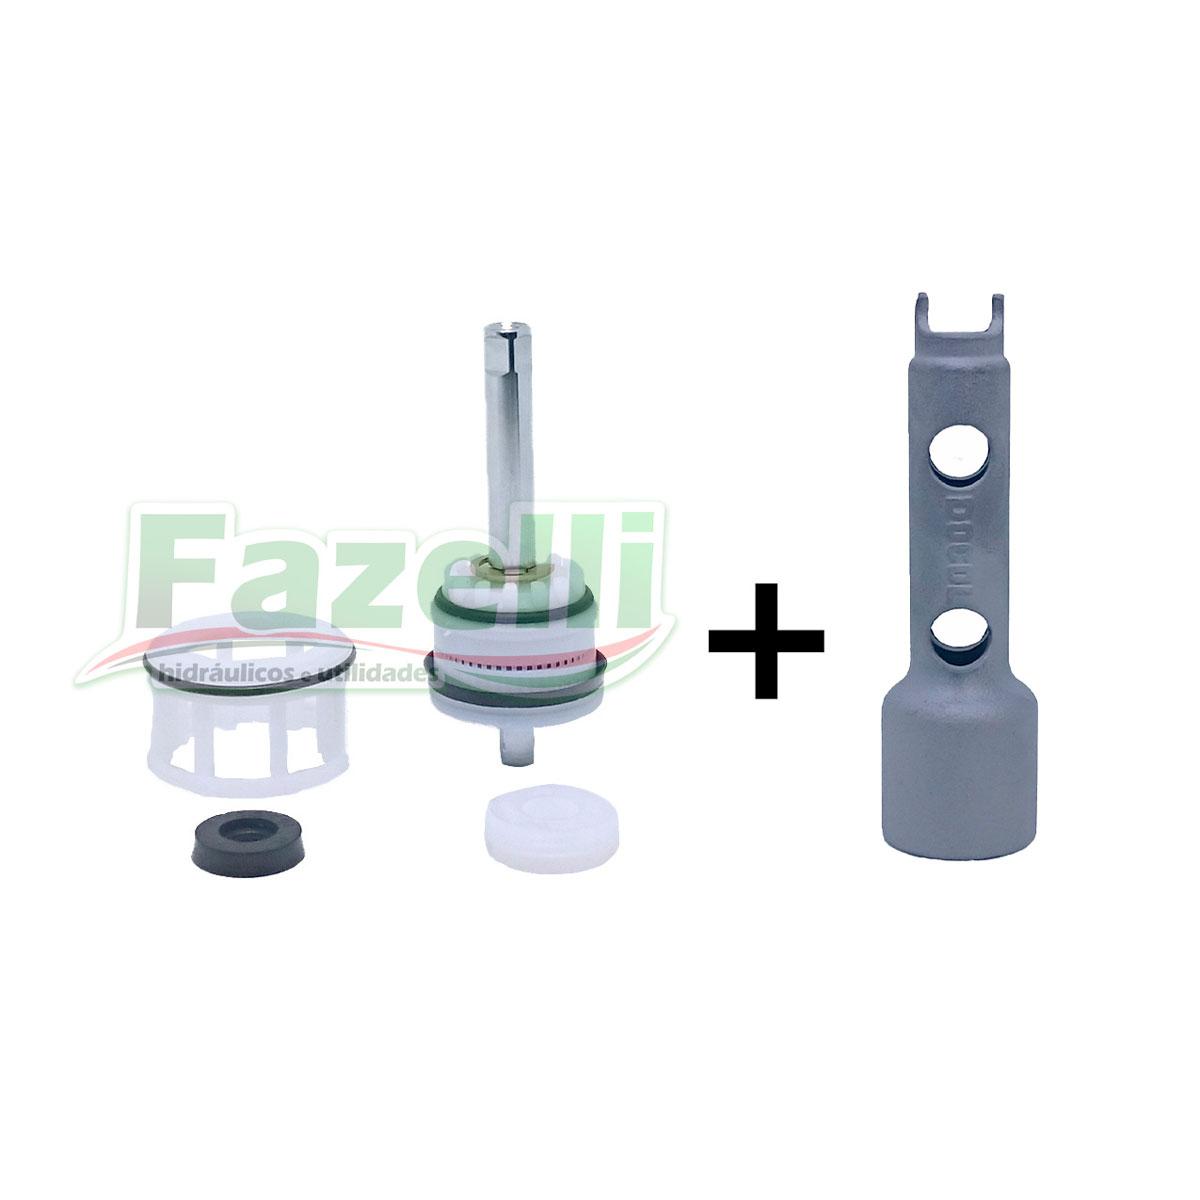 Reparo Válvula Docol 1.1/4 + Chave Manutenção Docol Original